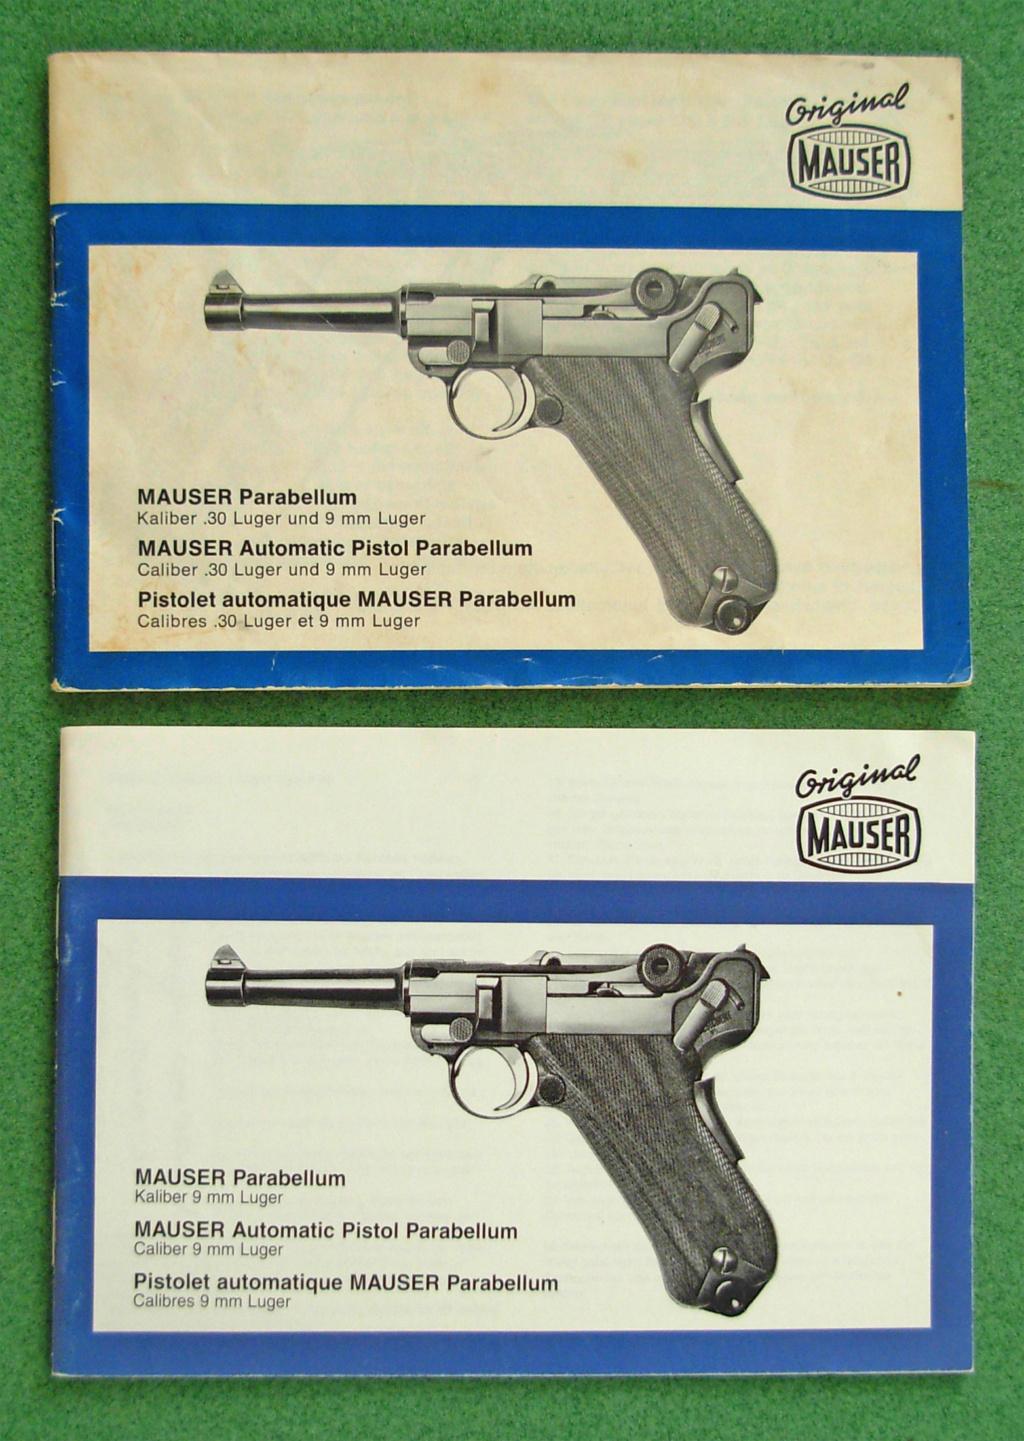 Livrets et manuels du Luger P08 et Parabellum - Page 2 Dscn5224